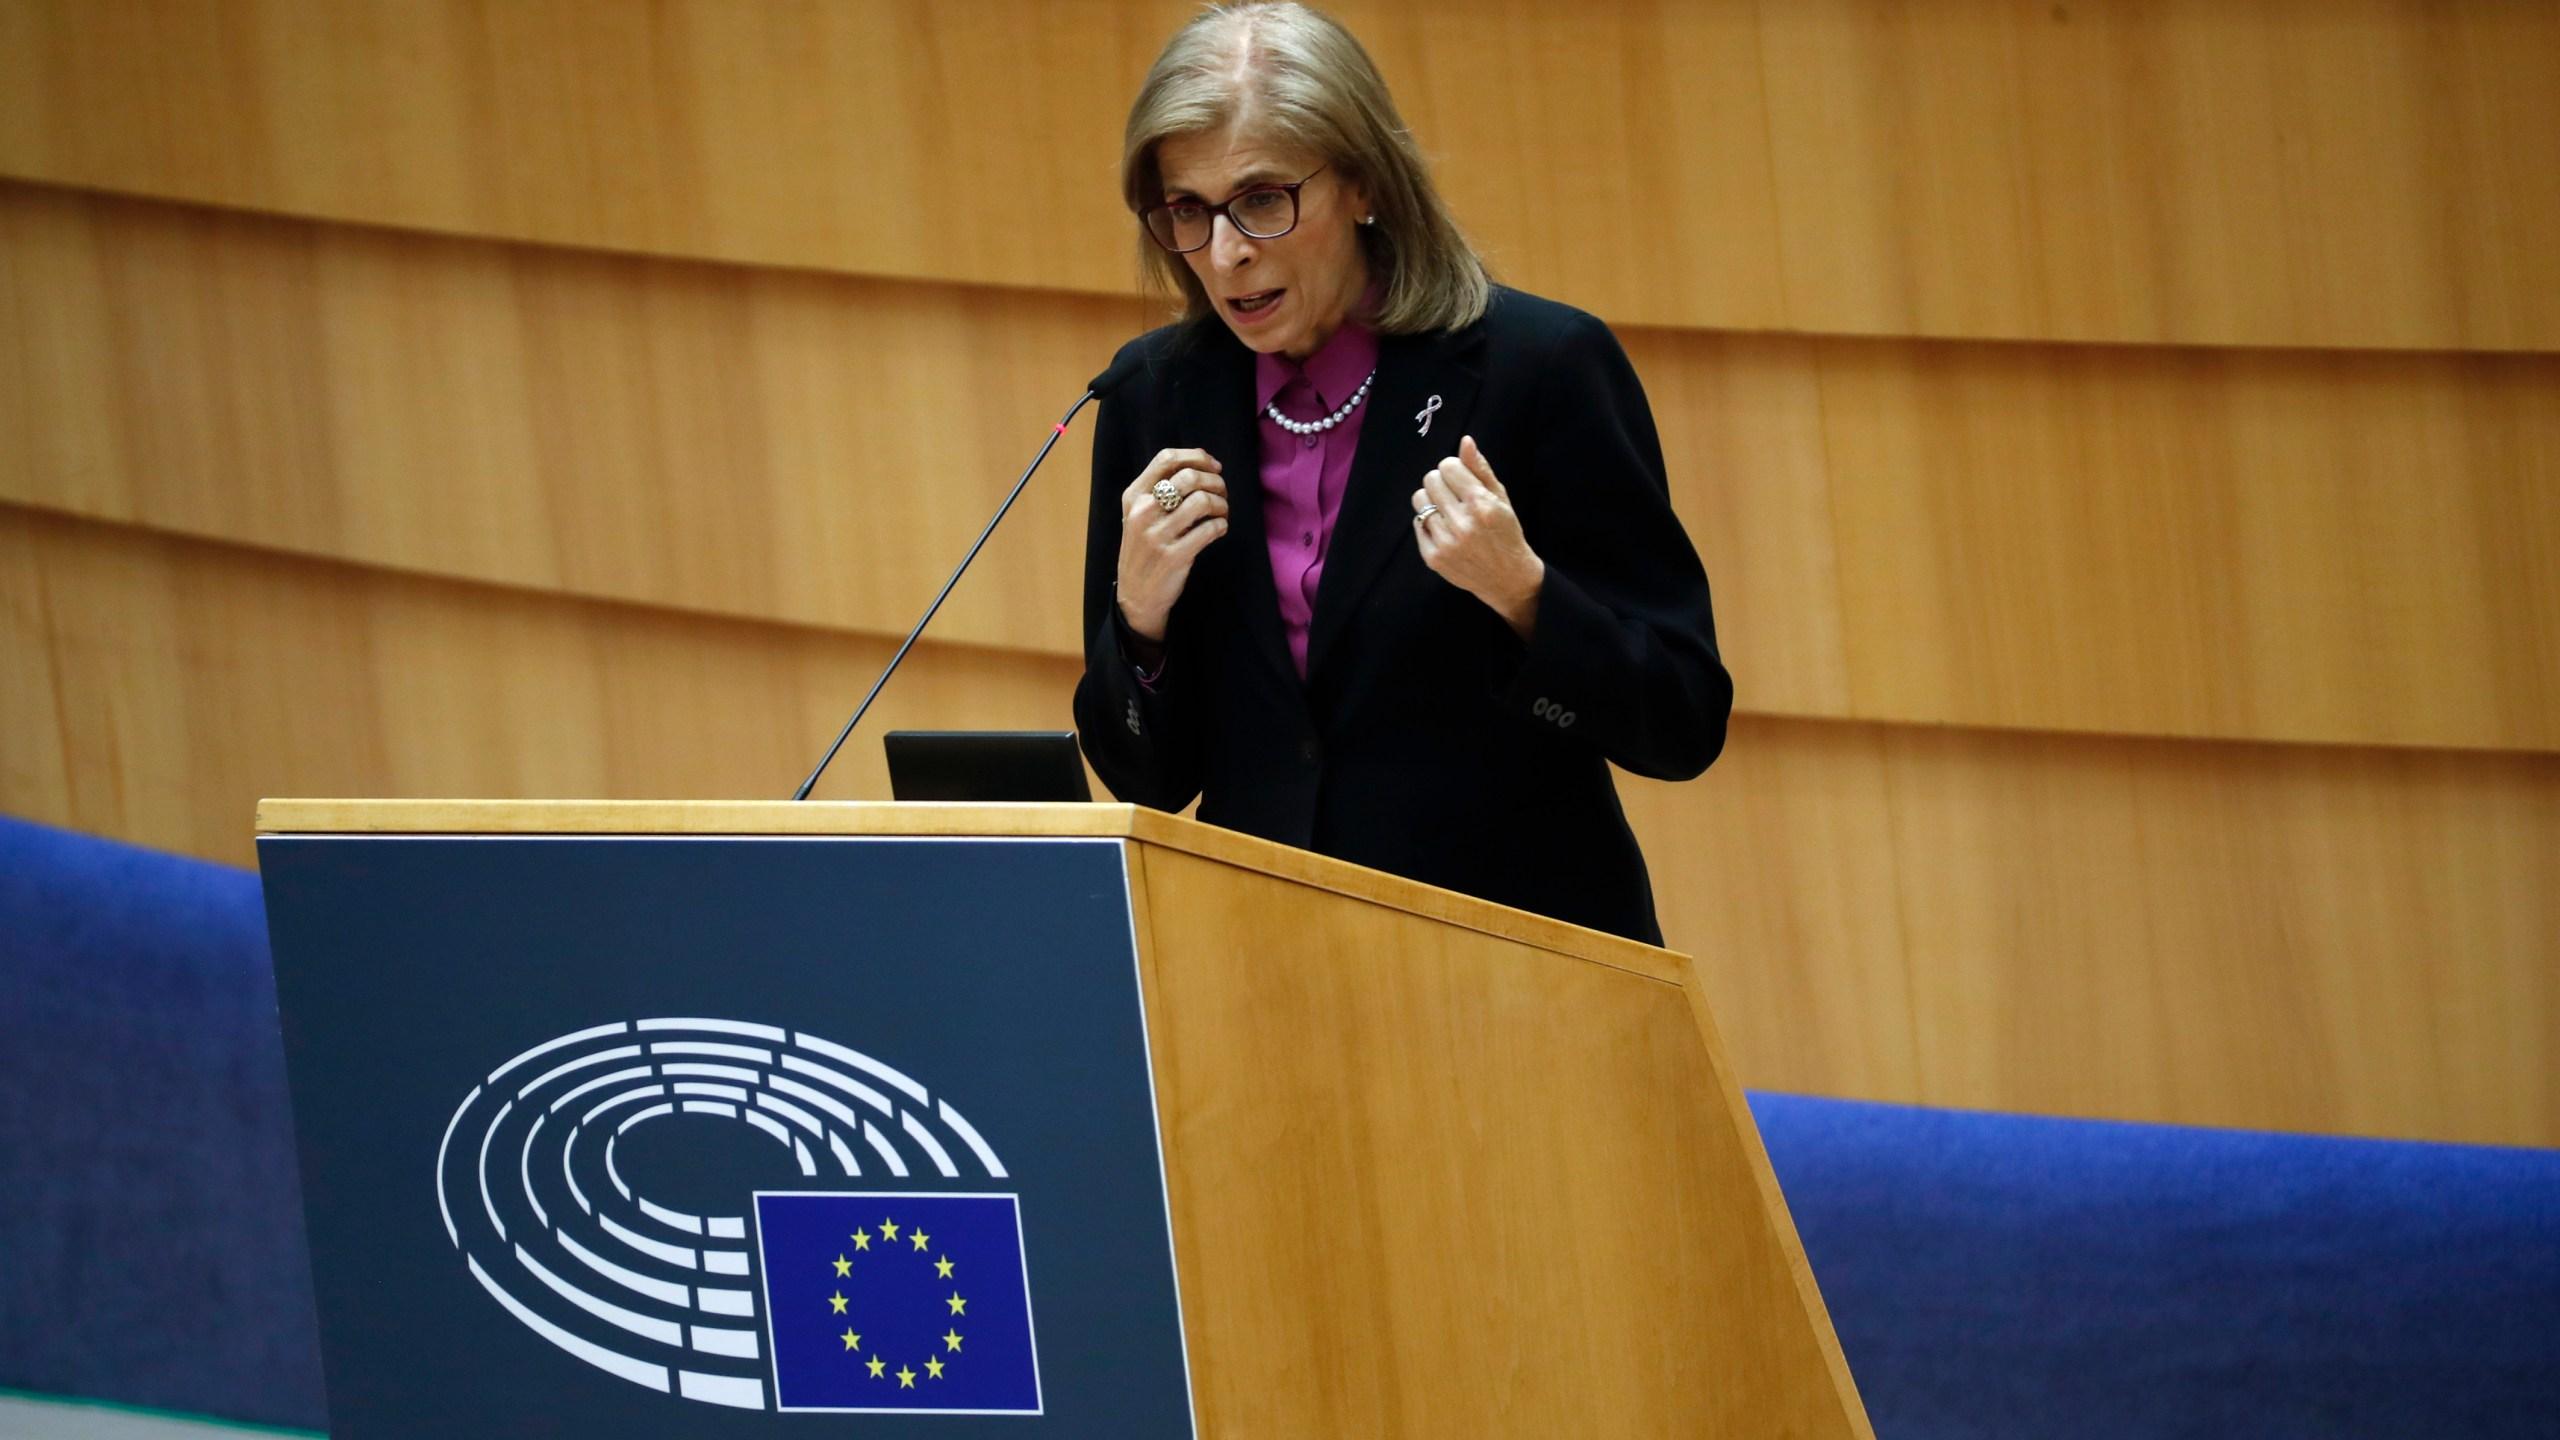 EU study: GMO laws needs overhaul; environmentalists protest |  ArkLaTexHomepage